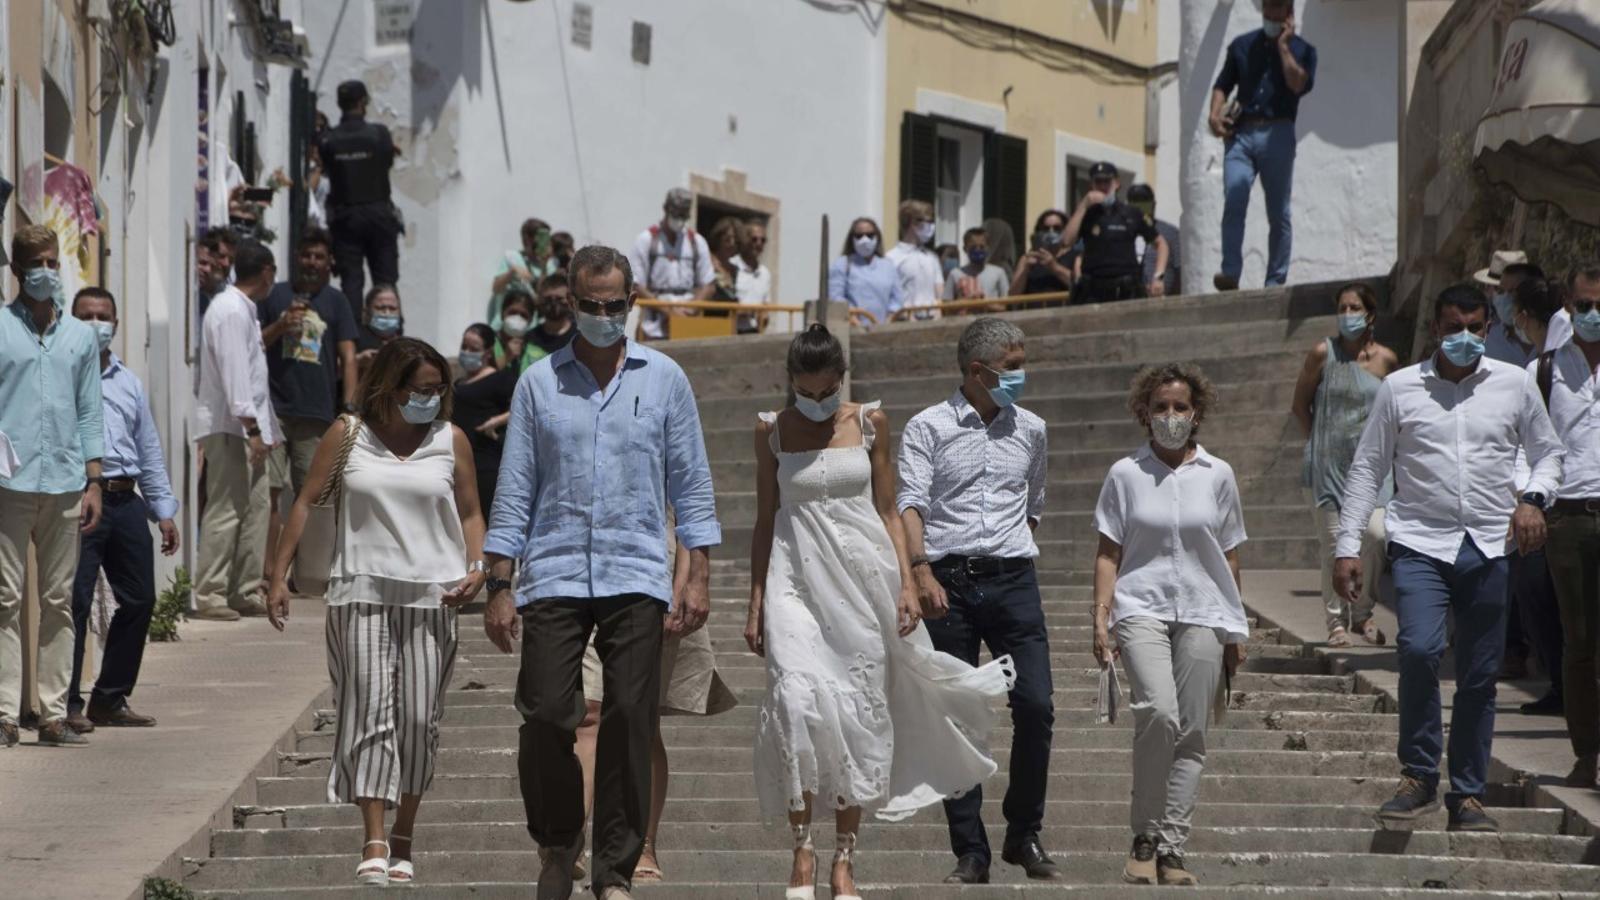 Les principals autoritats de Balears han acompanyat als reis en el petit passeig per Ciutadella.